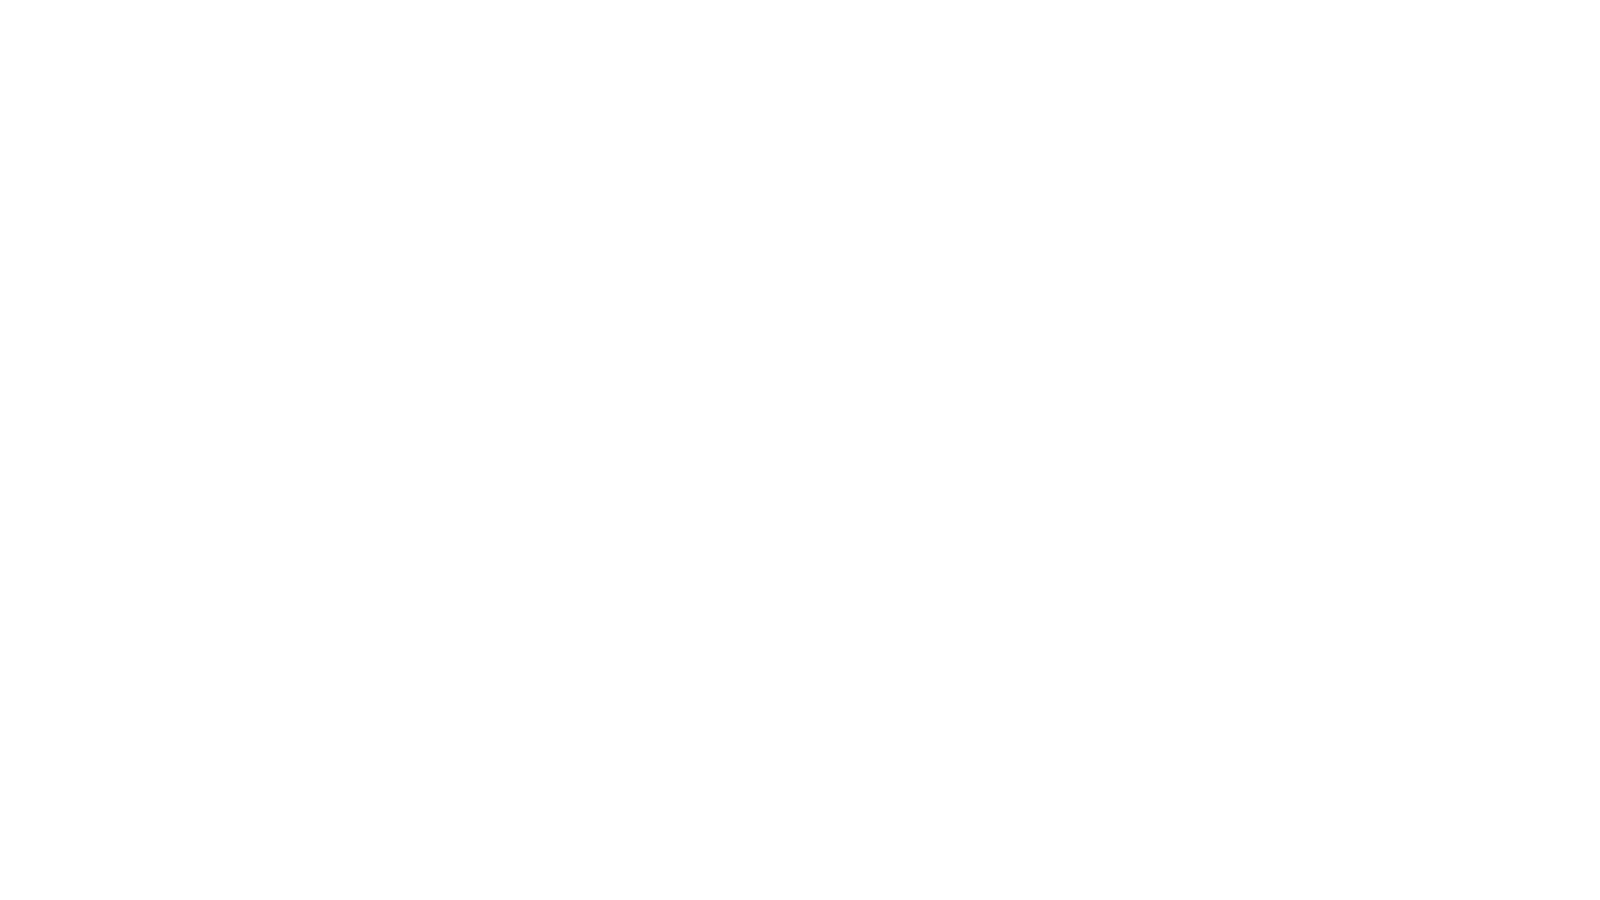 """Capsules Apprivoisez la technologie!  Chaque jeudi, une capsule """"littératie numérique 101"""" pour vous faciliter la vie, avec Hugo Chavarie, chargé de projet au P'tit Bonheur de Saint-Camille.  Vous ou vos proches avez des difficultés avec vos appareils électroniques?  Voici un contenu à partager!"""